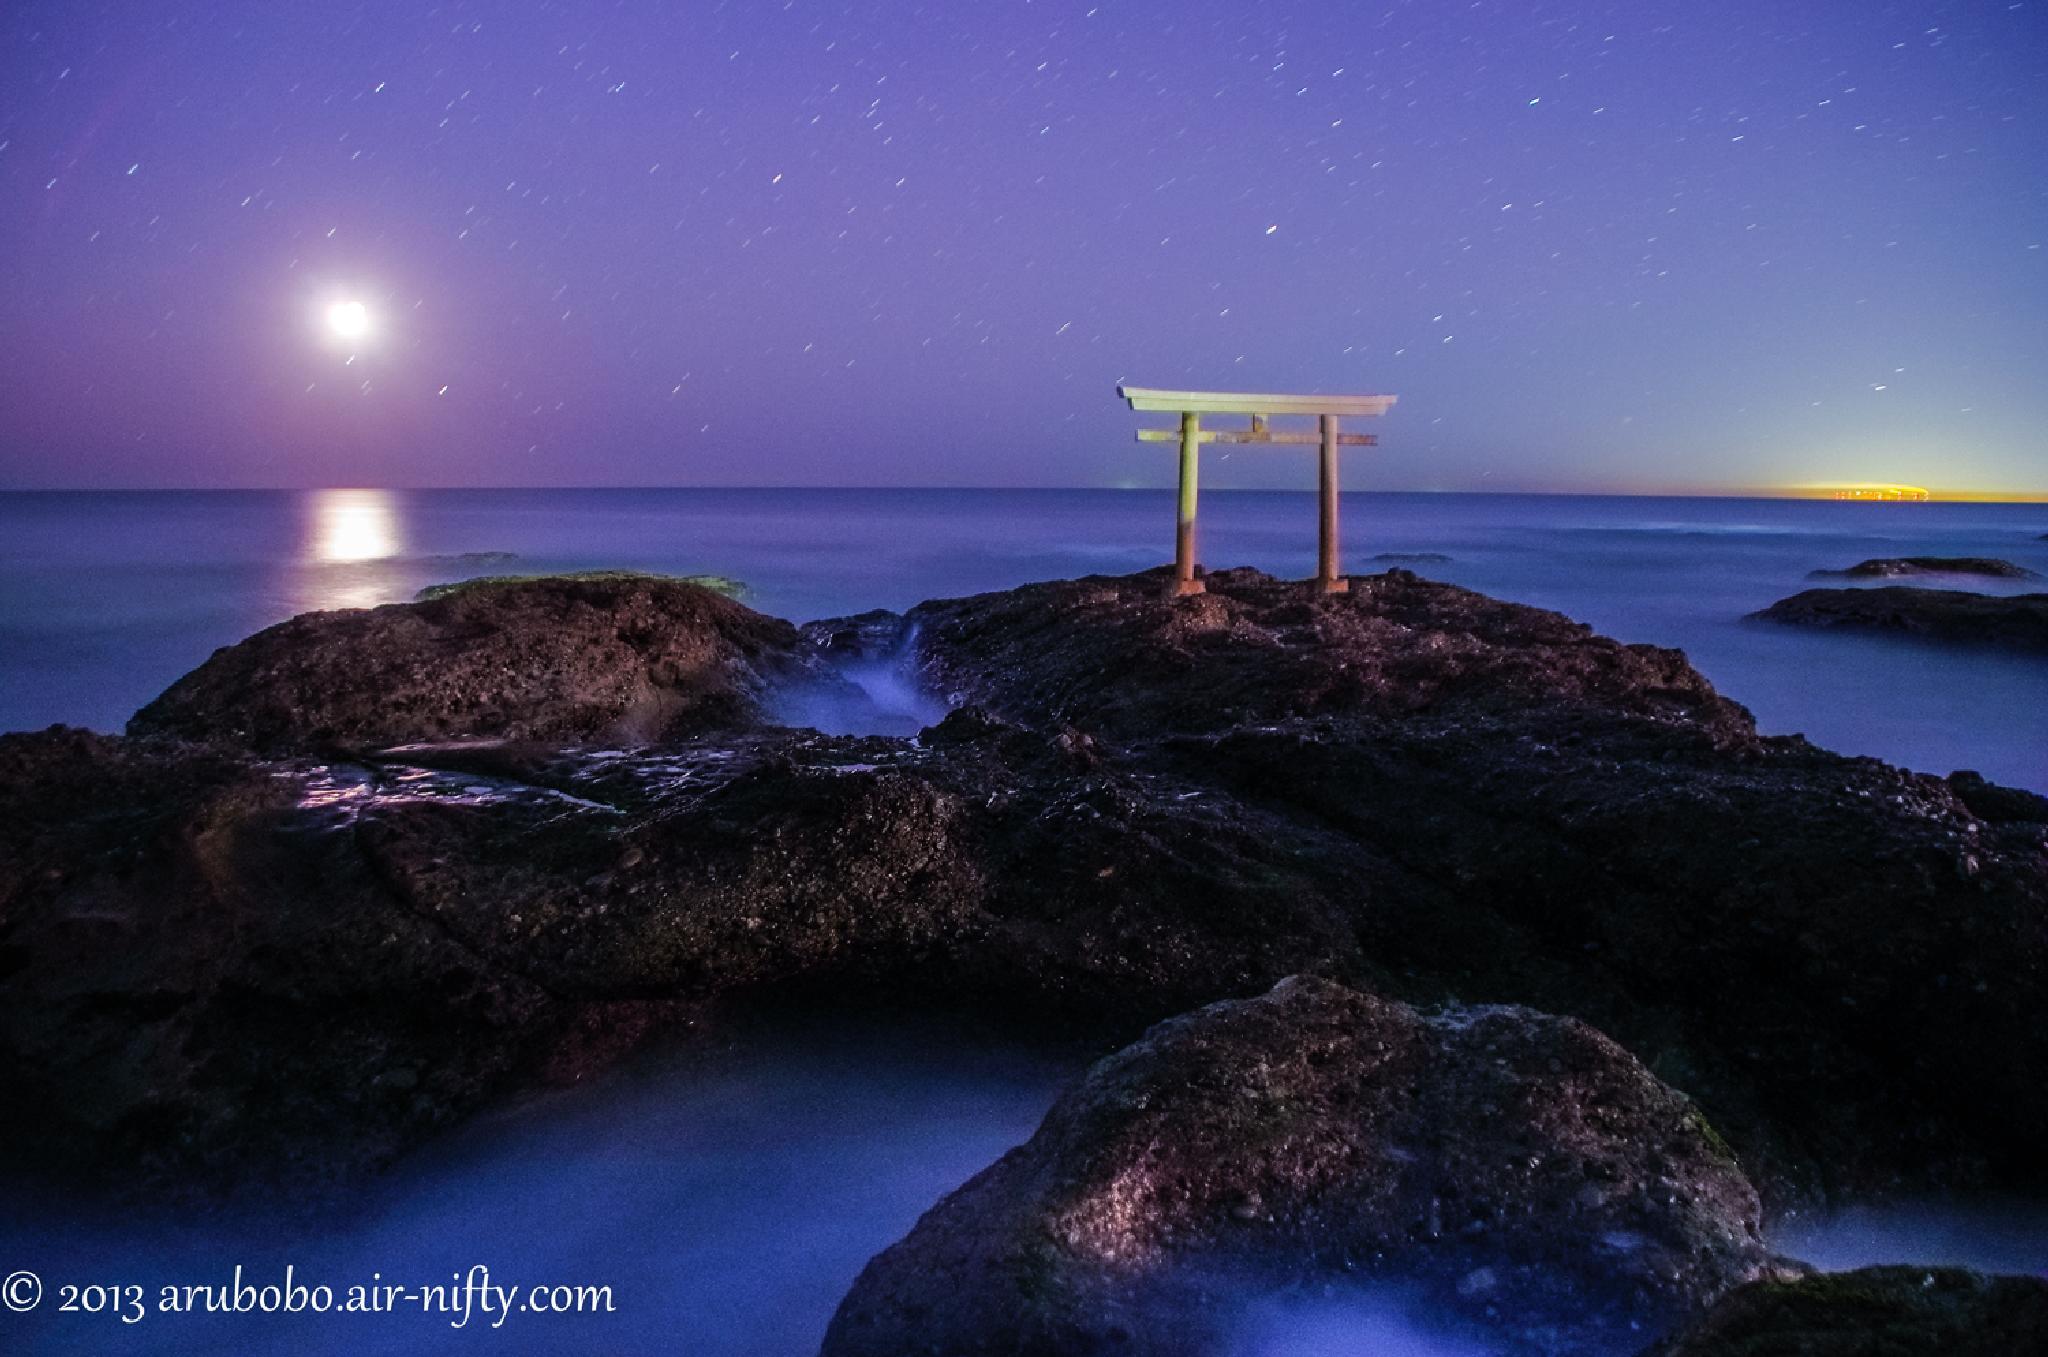 Moonrising at KAMIISO NO TORII  by katuhico.kumazaki